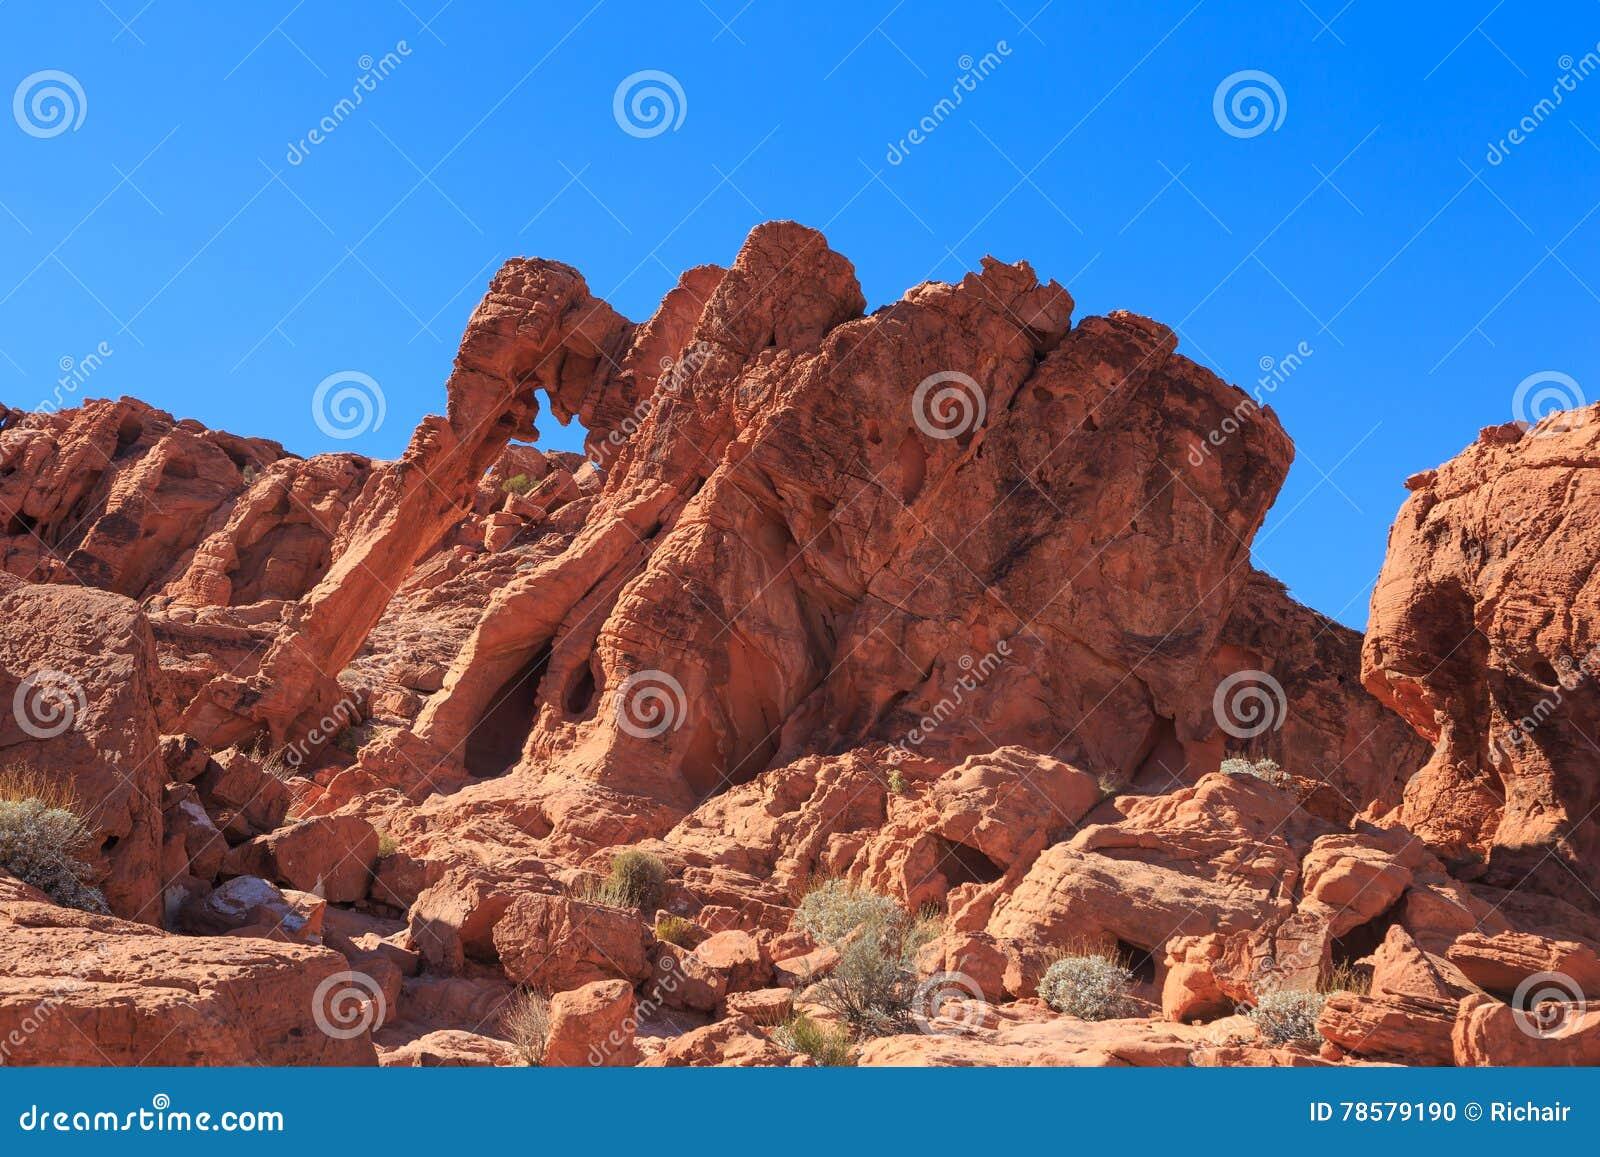 Słoń skała, dolina ogień